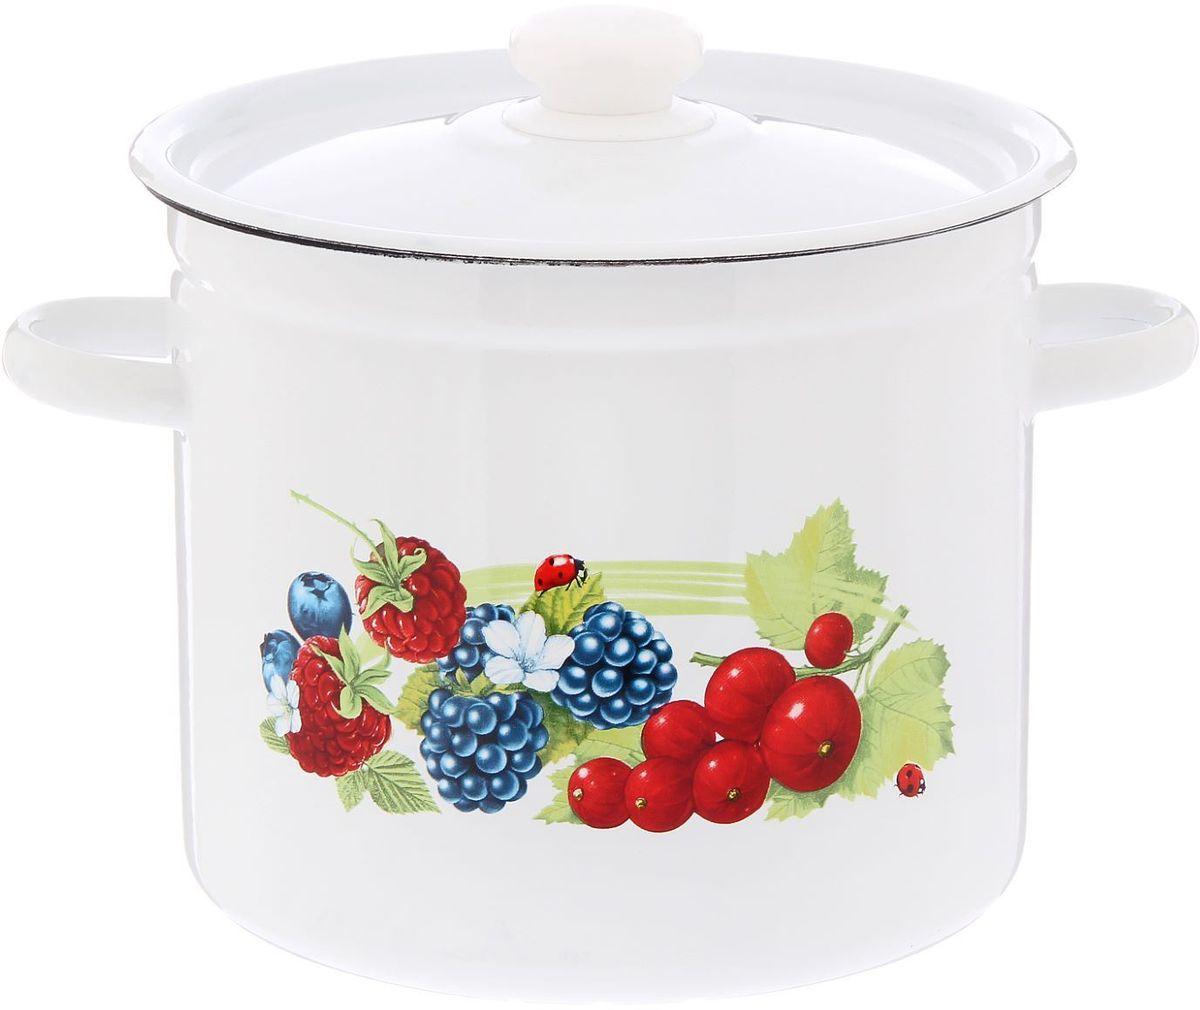 Кастрюля Epos Смузи, 7 л2293339Эмалированная кастрюля пригодится вам для быстрого приготовления разных типов блюд. Такая посуда подходит для домашнего и профессионального использования.Кастрюля цилиндрическая — помощь на кухне на долгие годы.Достоинства:посуда быстро и равномерно нагревается;корпус стоек к ржавчине;изделие легко отмывается в посудомоечной машине.Благодаря приятным цветам кастрюля удачно впишется в любой дизайн интерьера. Наилучшее качество покрытия достигается за счёт того, что посуда проходит обжиг при температуре до 800 градусов.Чтобы предмет сохранял наилучшие эксплуатационные свойства, соблюдайте правила ухода:избегайте ударов и падений;не пользуйтесь высокоабразивными чистящими средствами;не допускайте резких перепадов температуры.Посуда подходит для долговременного хранения пищи.